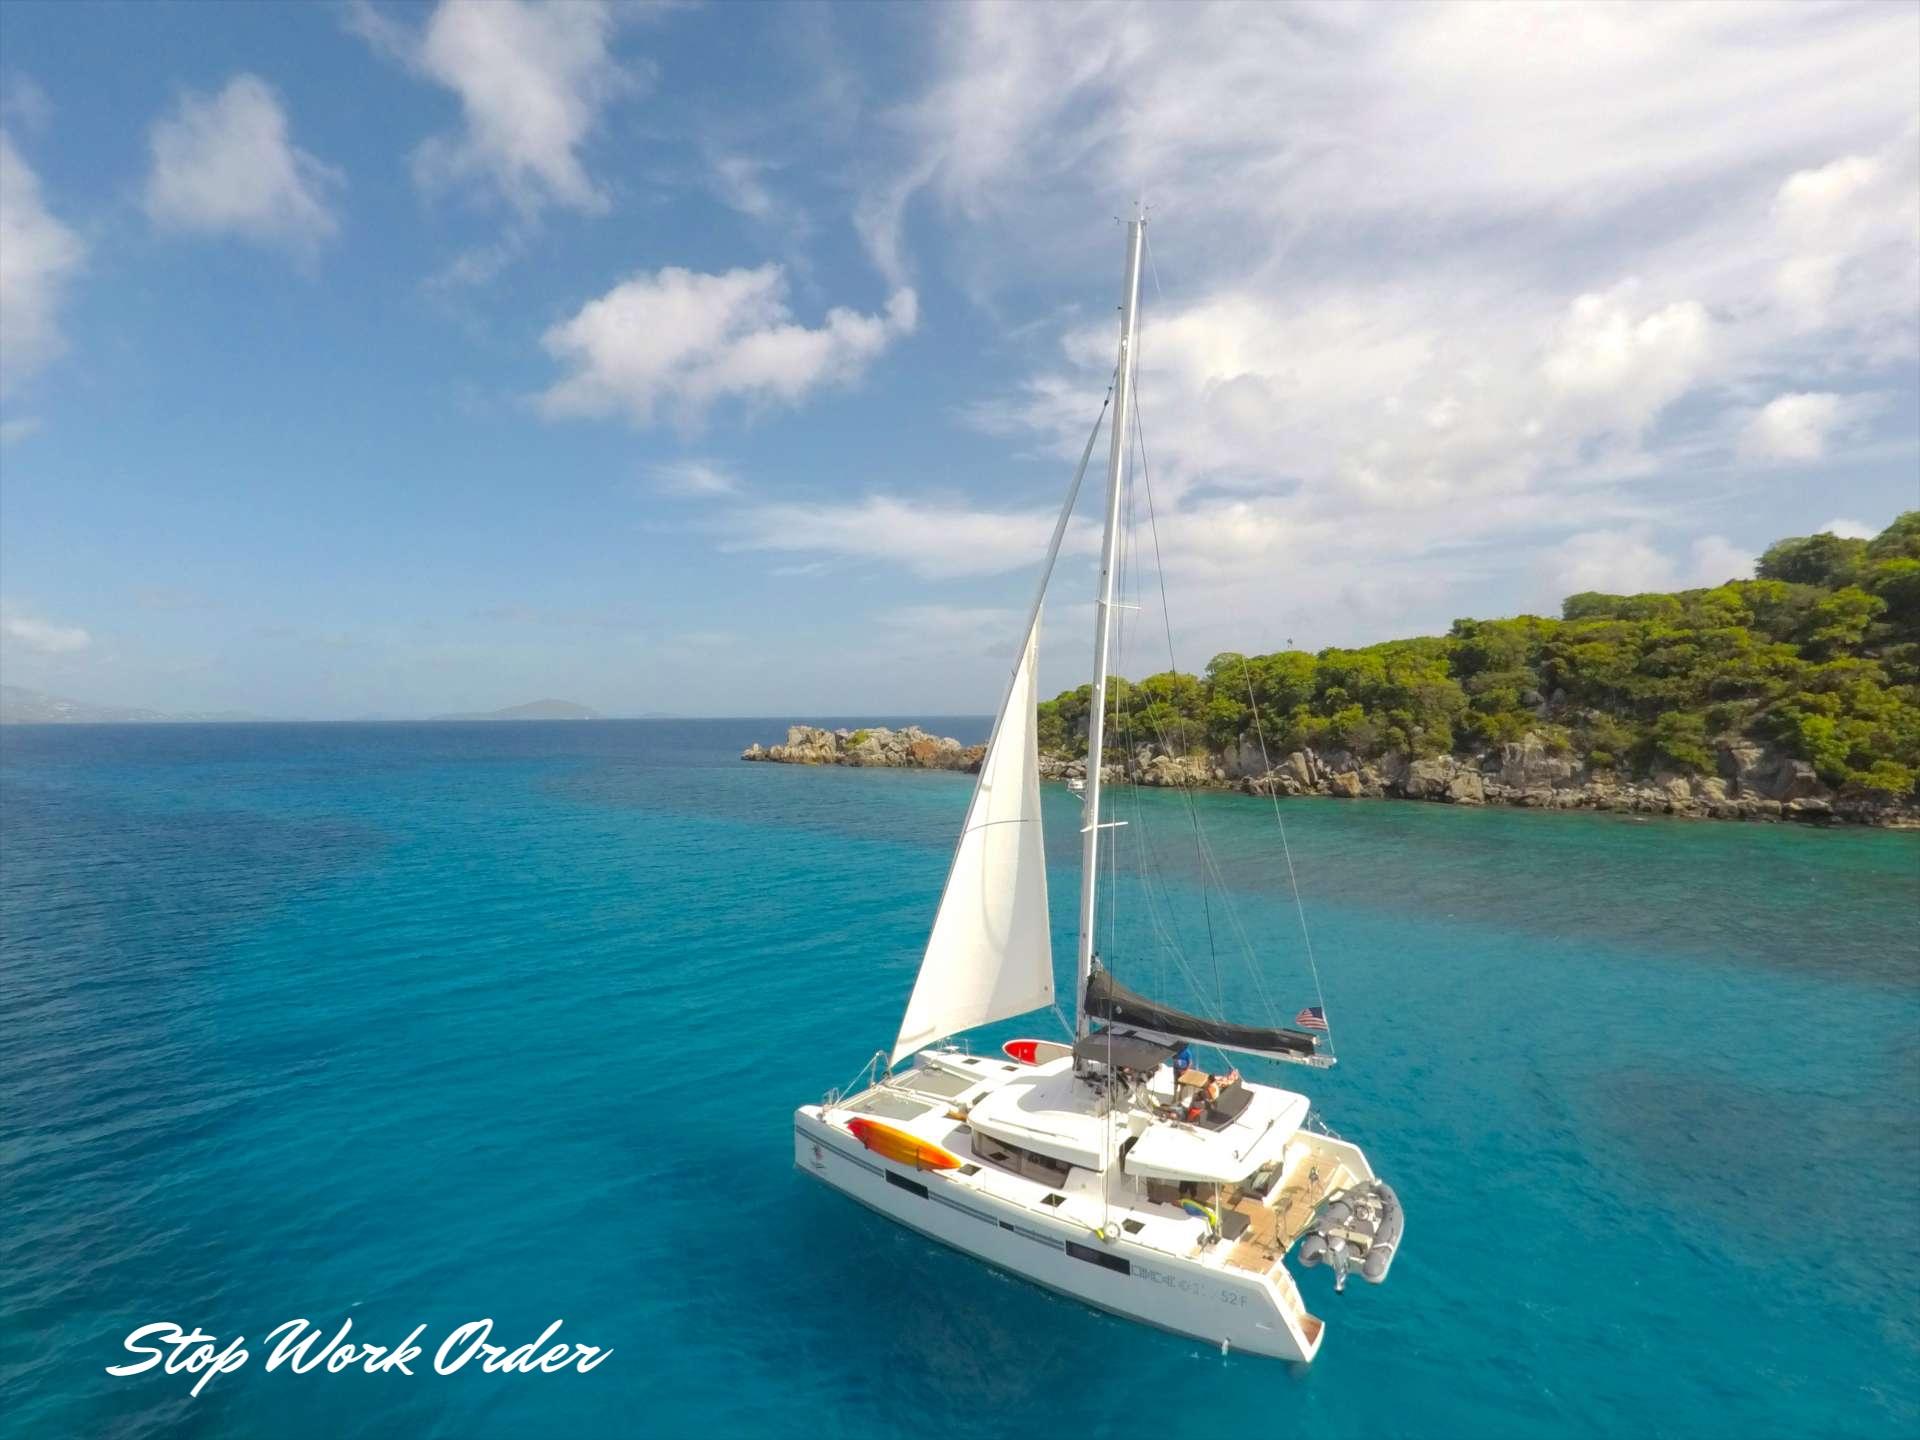 SWO- under jib sail.jpg